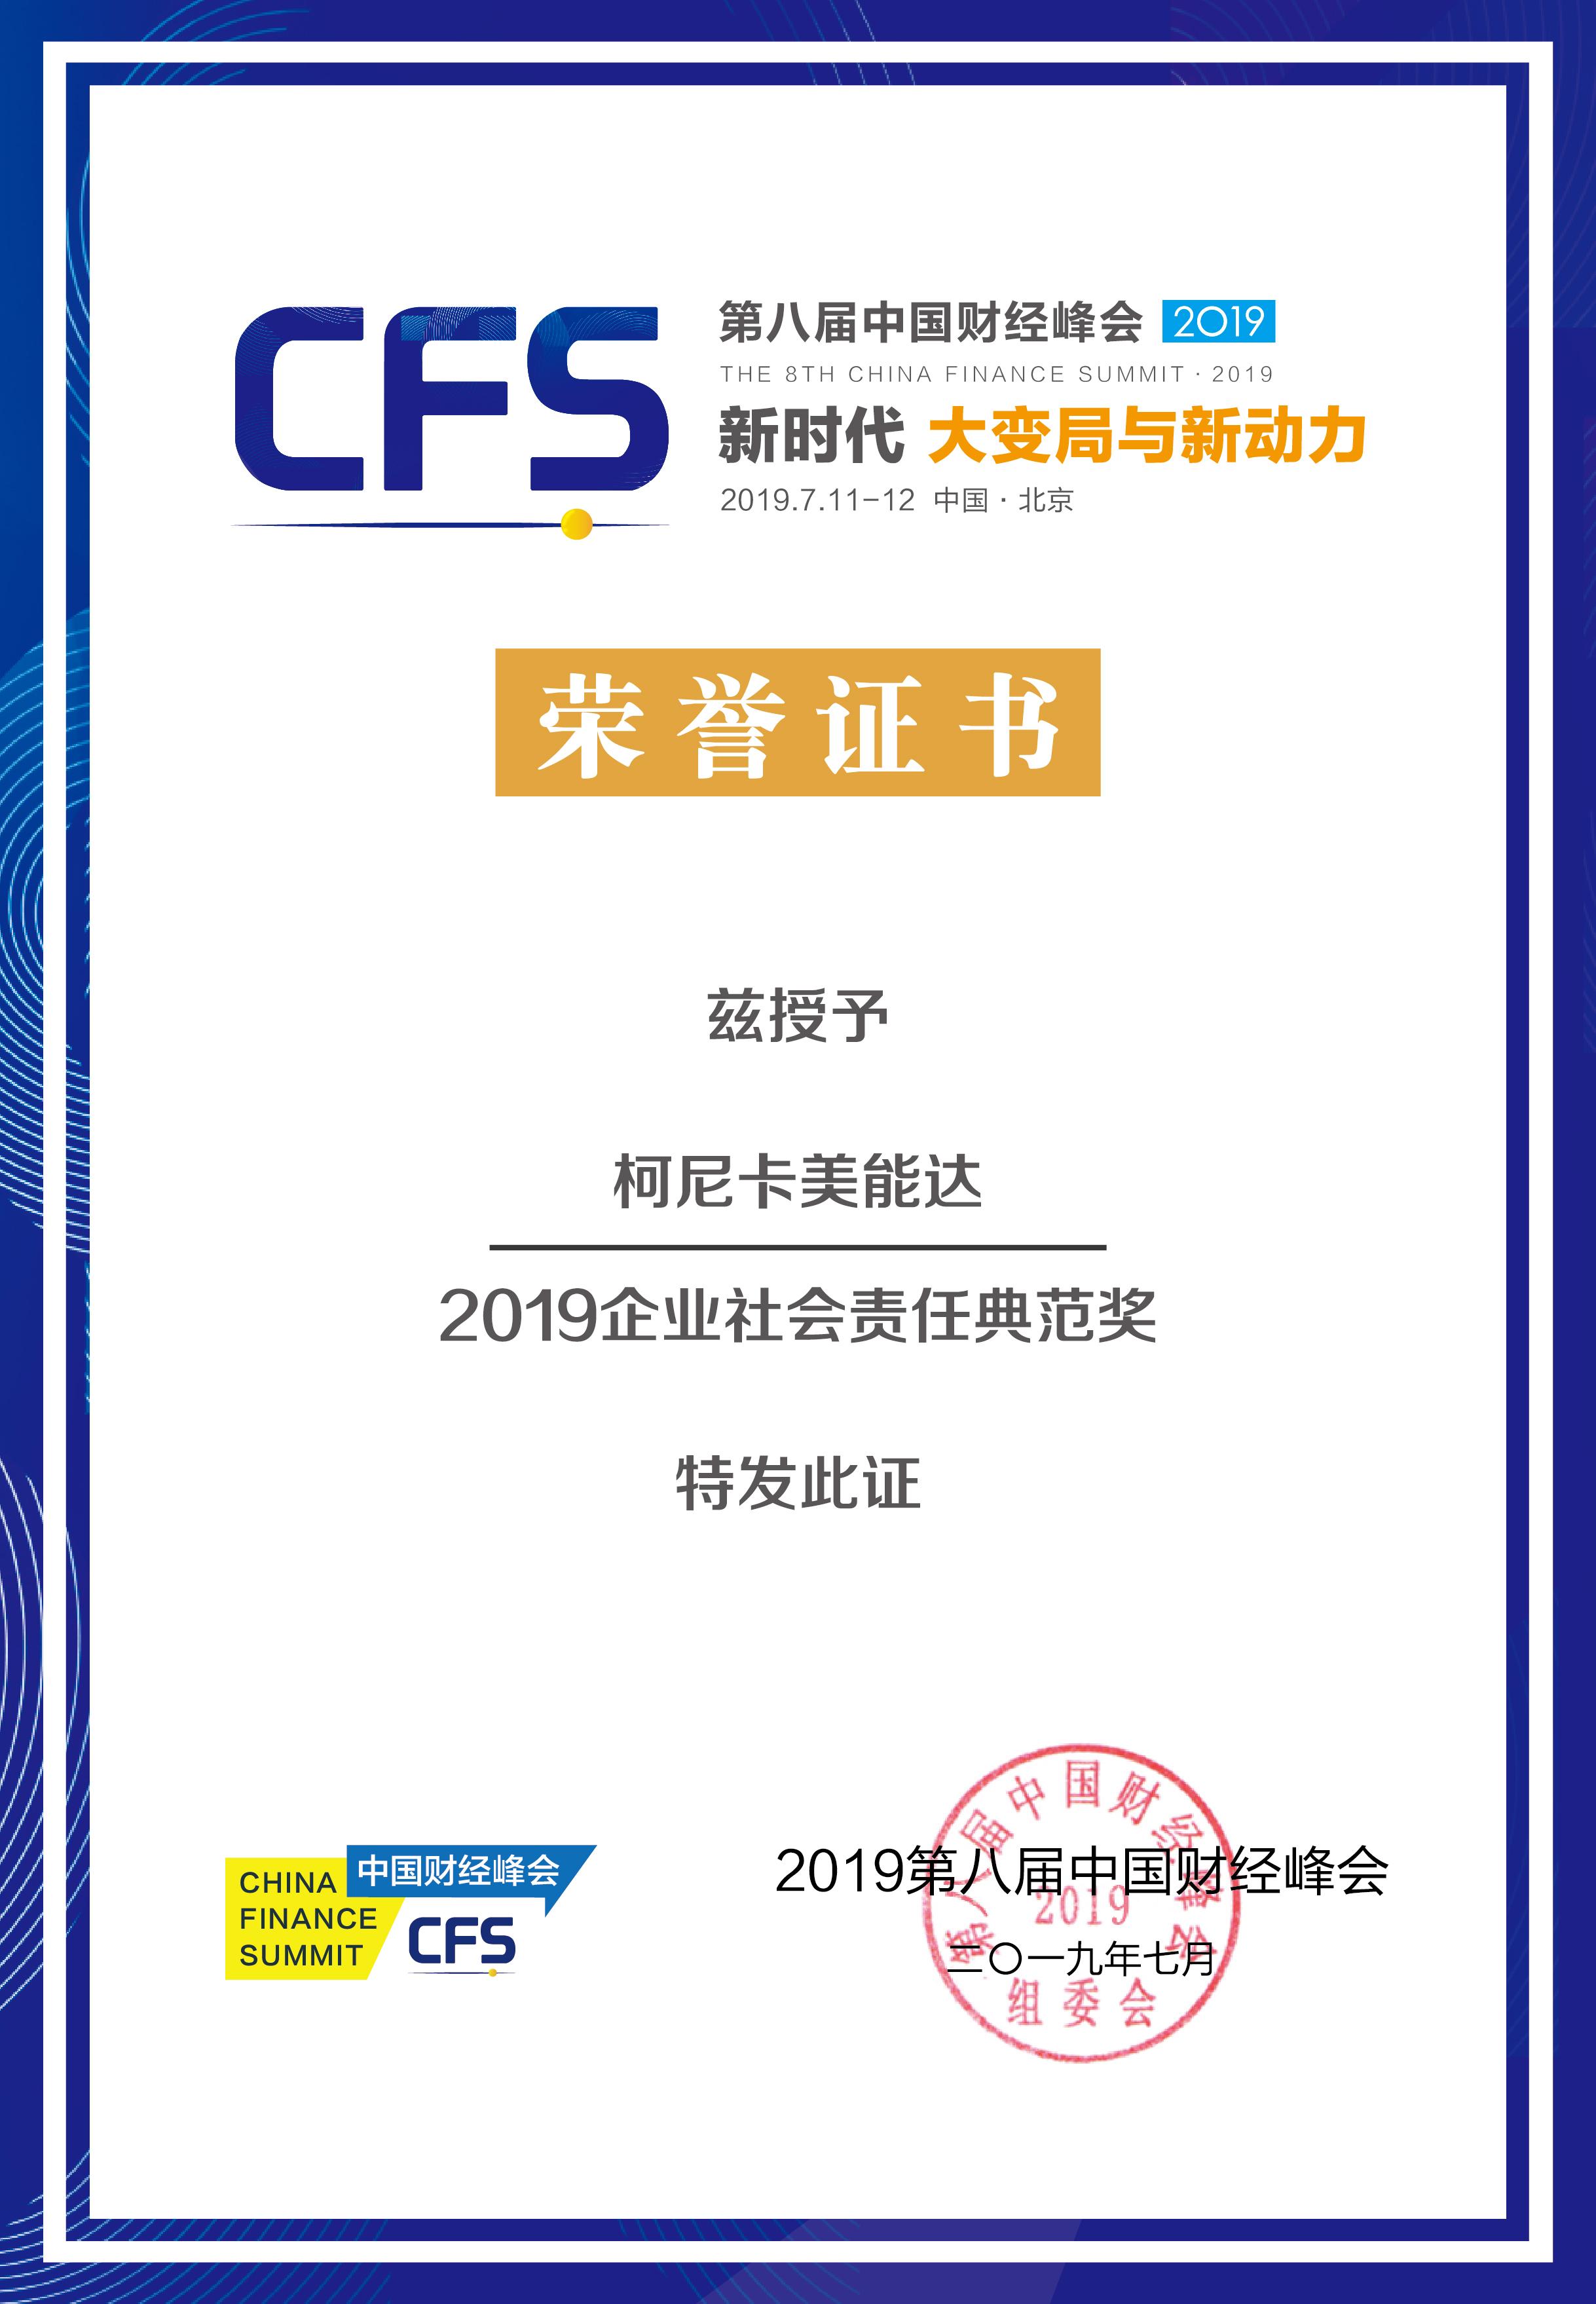 16-中国财经峰会-2019企业社会责任典范奖.jpg